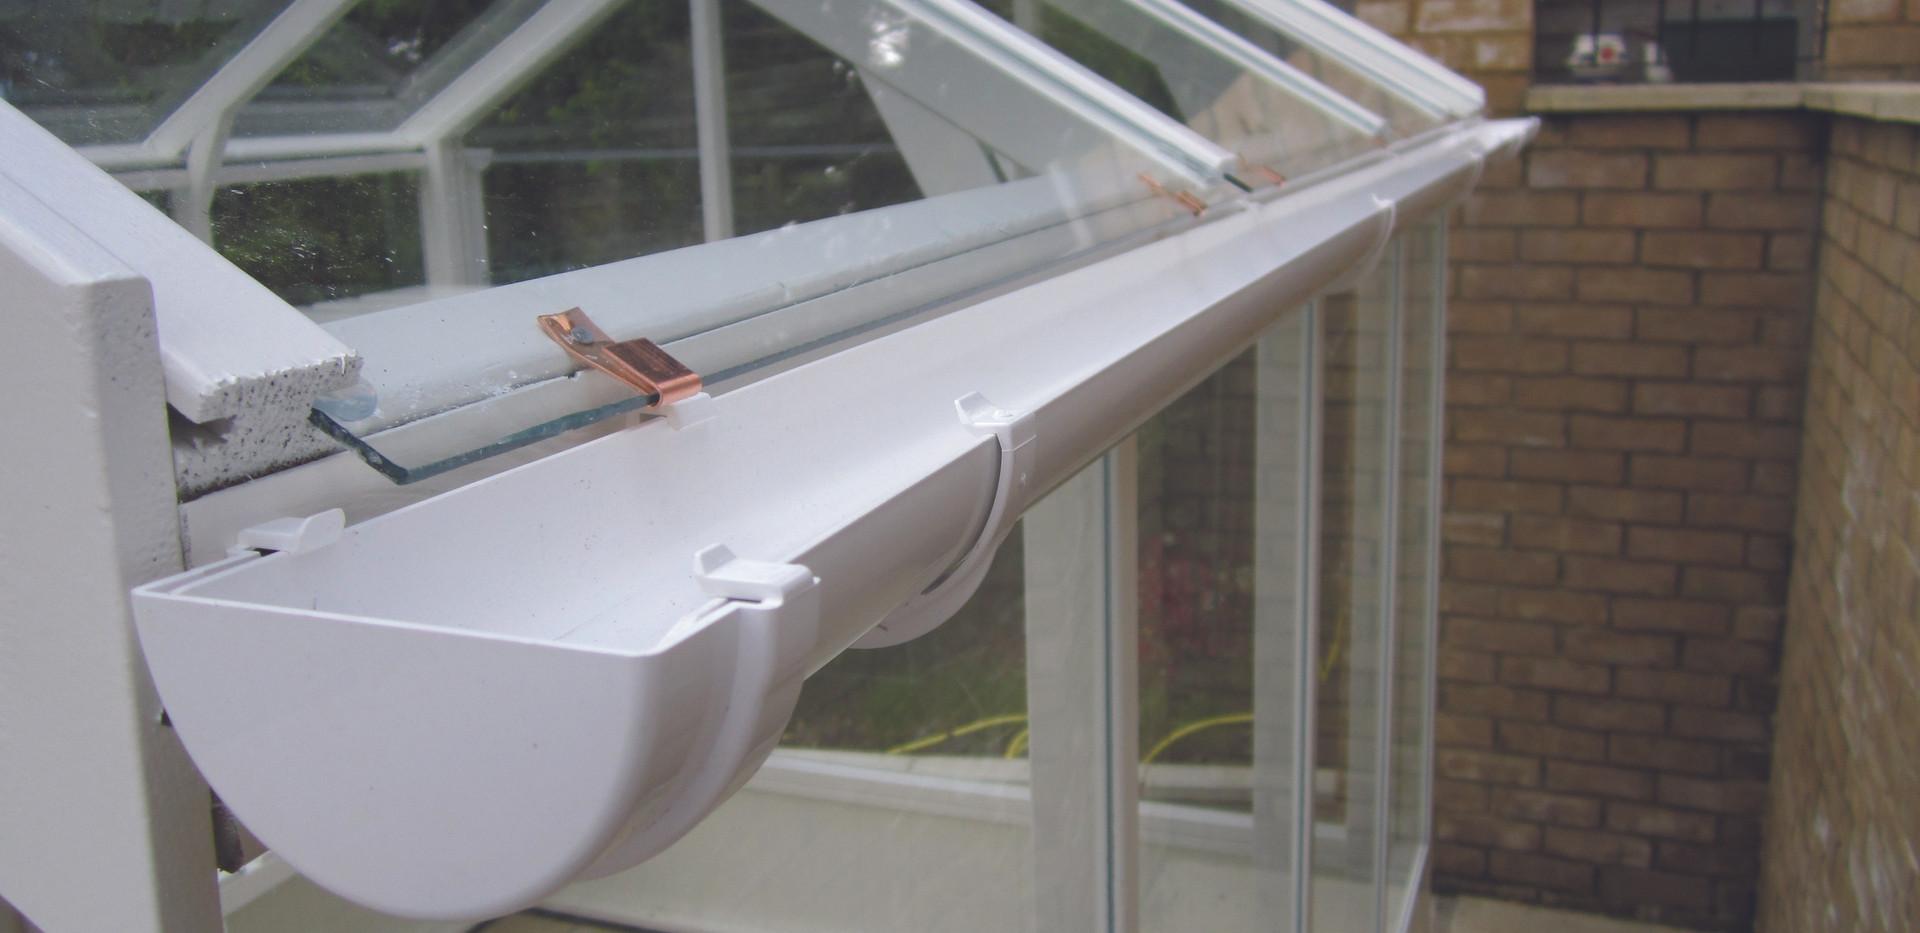 Swallow (GB) Ltd - Kingfishert